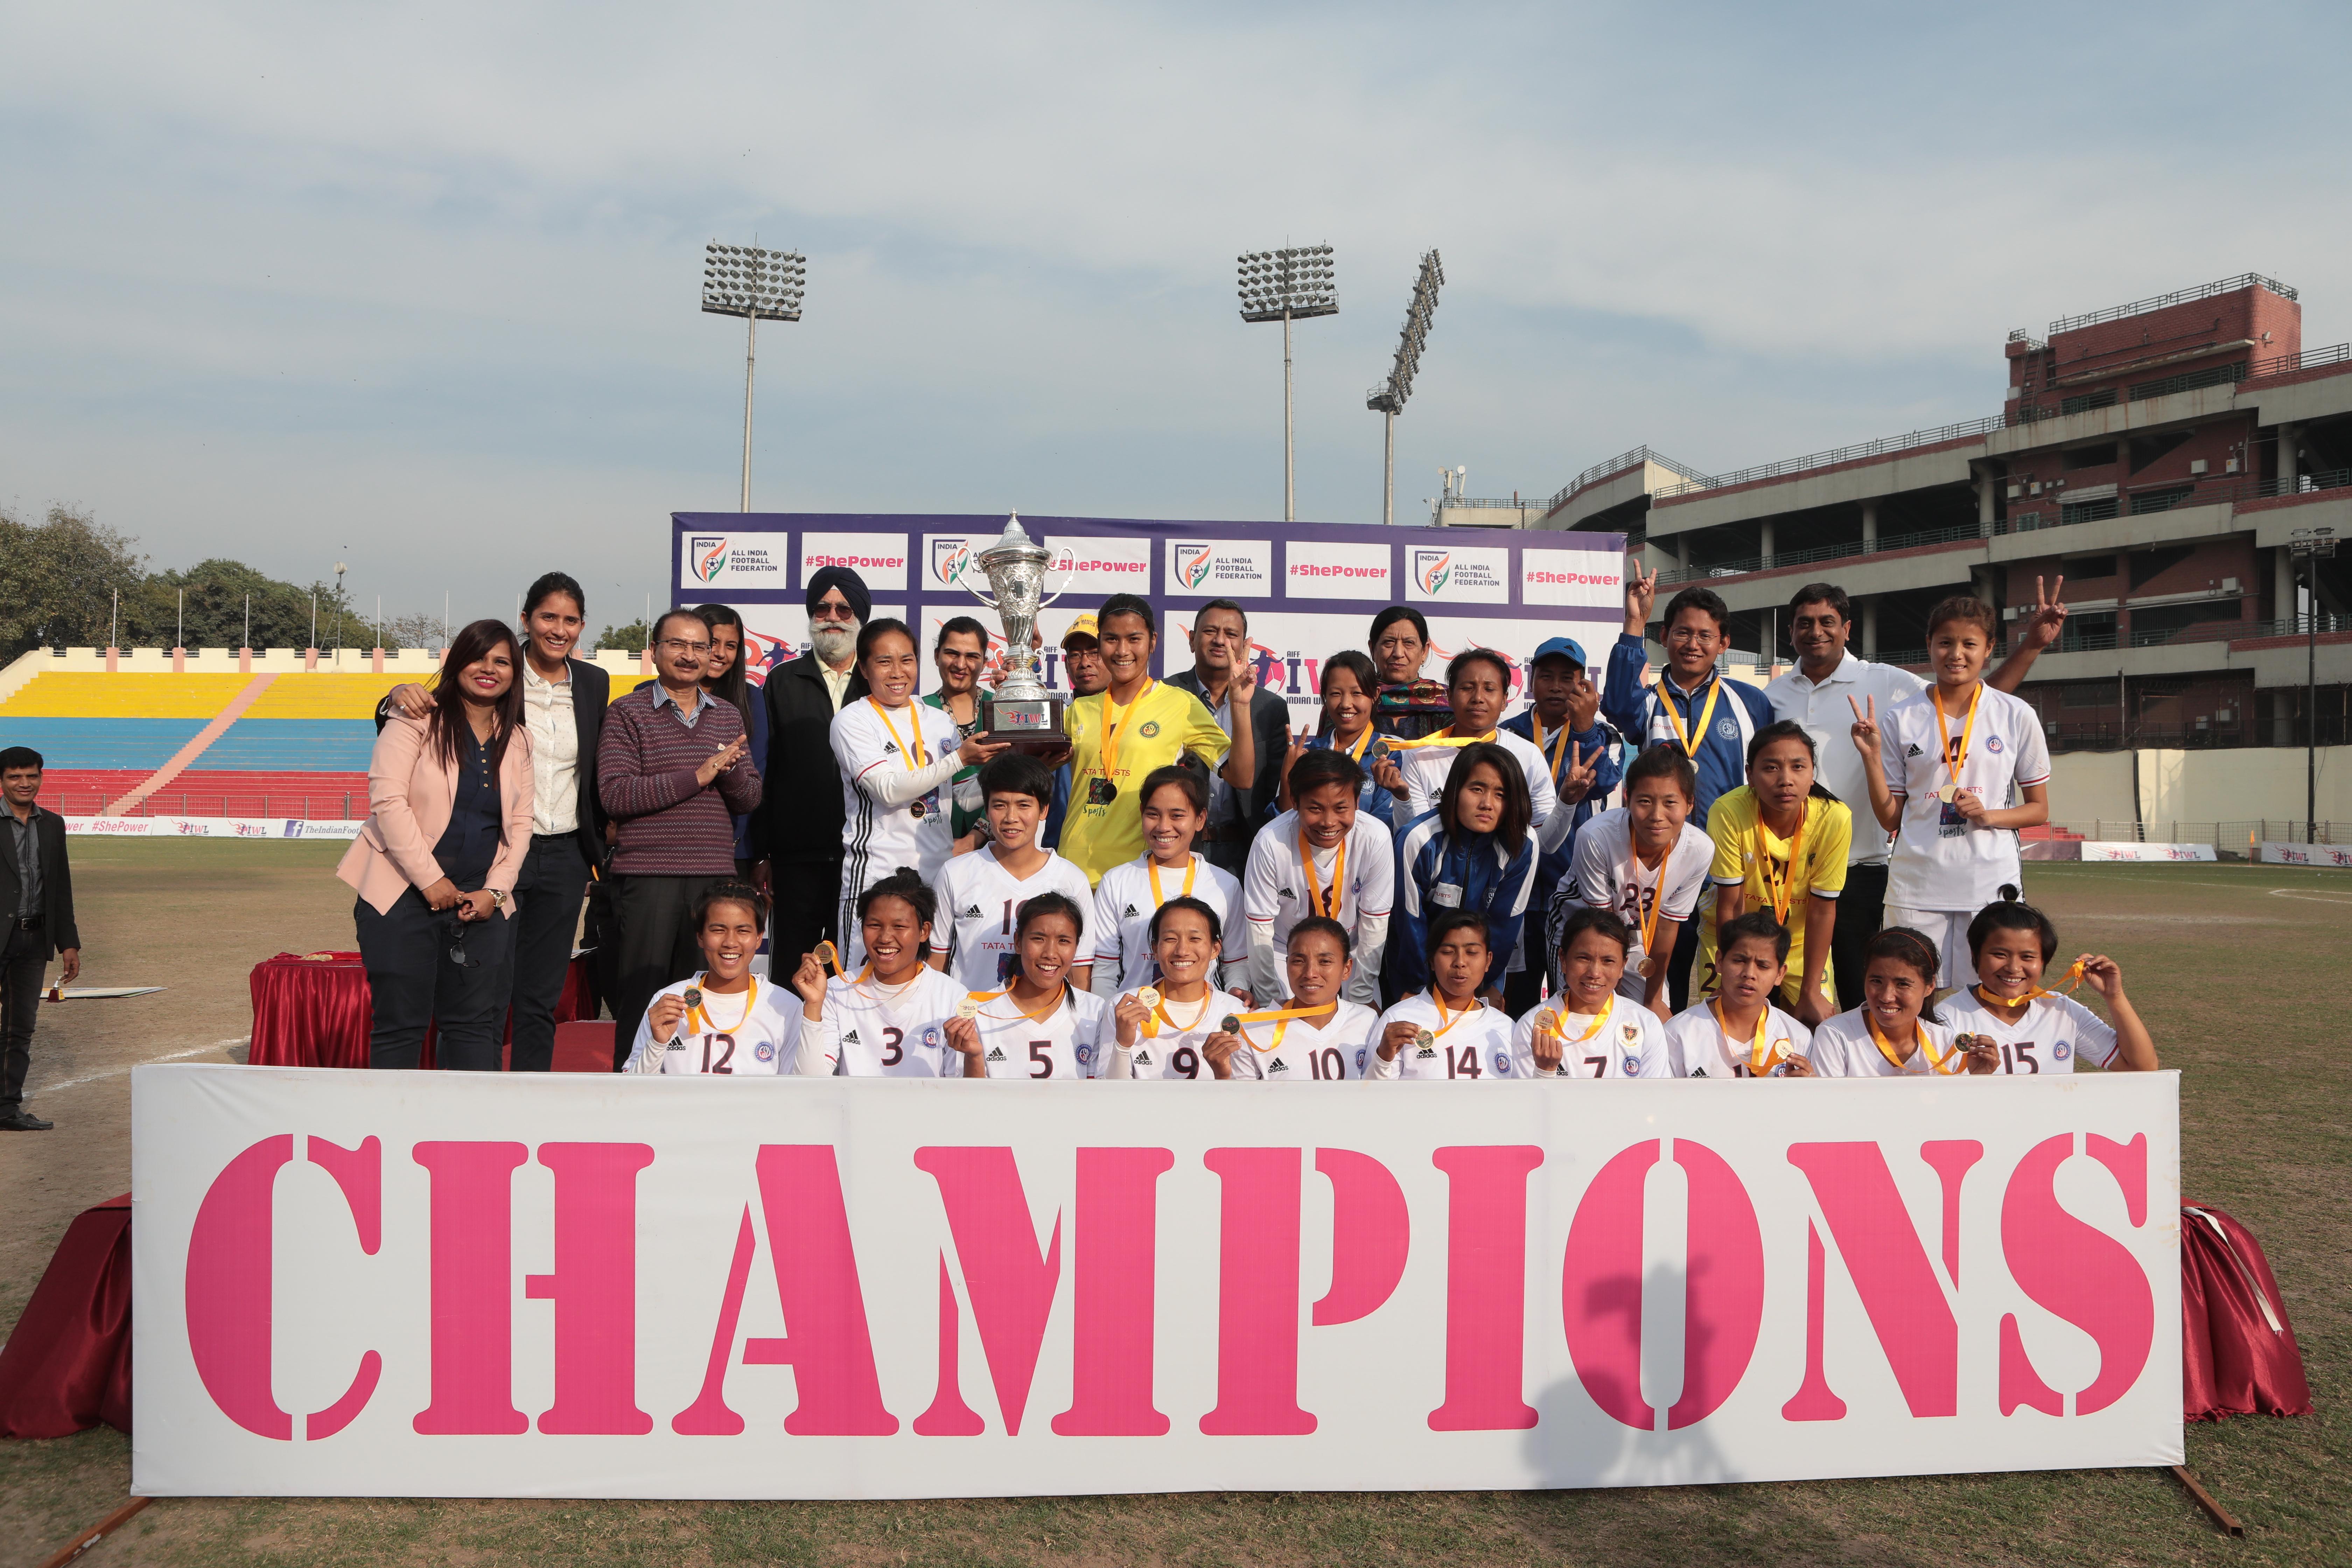 Eastern-sporting-union-indian-womens-league-2017-final_11z0waiofo9iq1jsm6m8jltzll